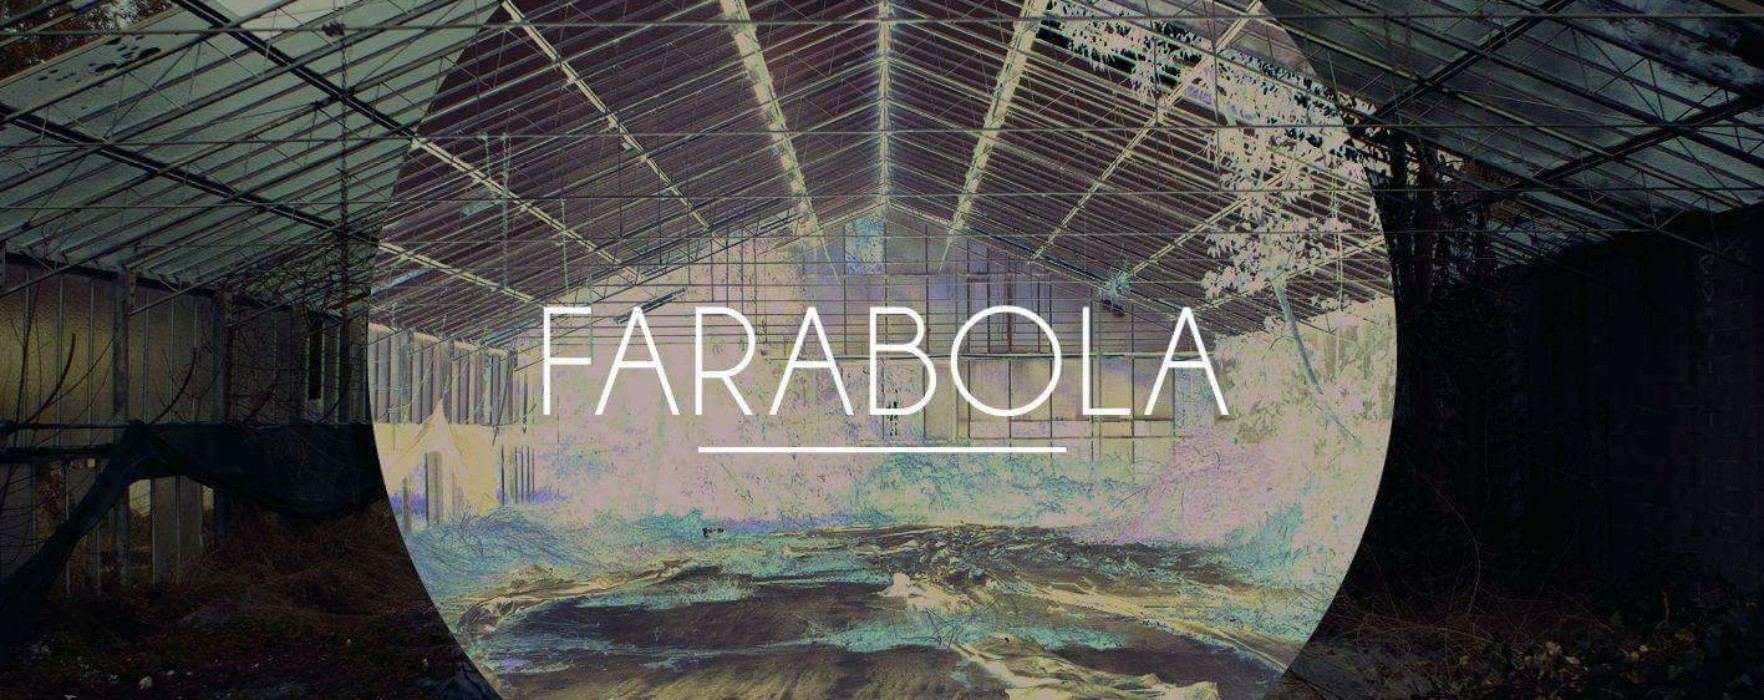 """Vinci una copia di """"Farabola"""", l'album di debutto dei Metropol Parasol!"""